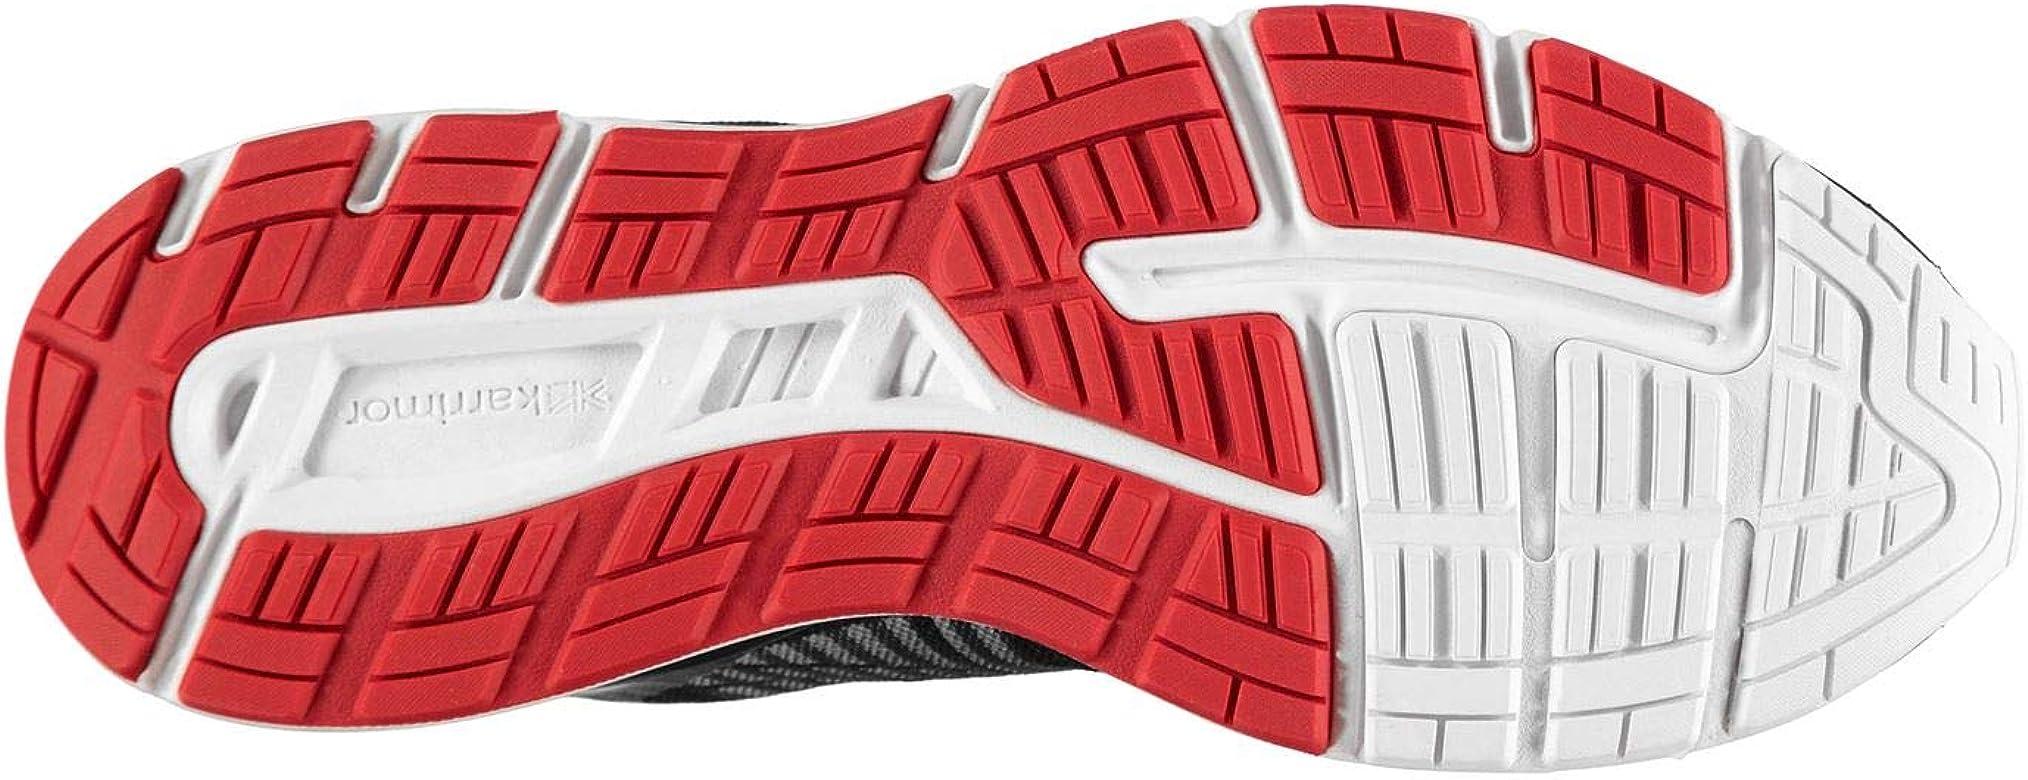 Karrimor KM 400 - Zapatillas de Running para Hombre, Color Negro, Talla 46 EU: Amazon.es: Zapatos y complementos